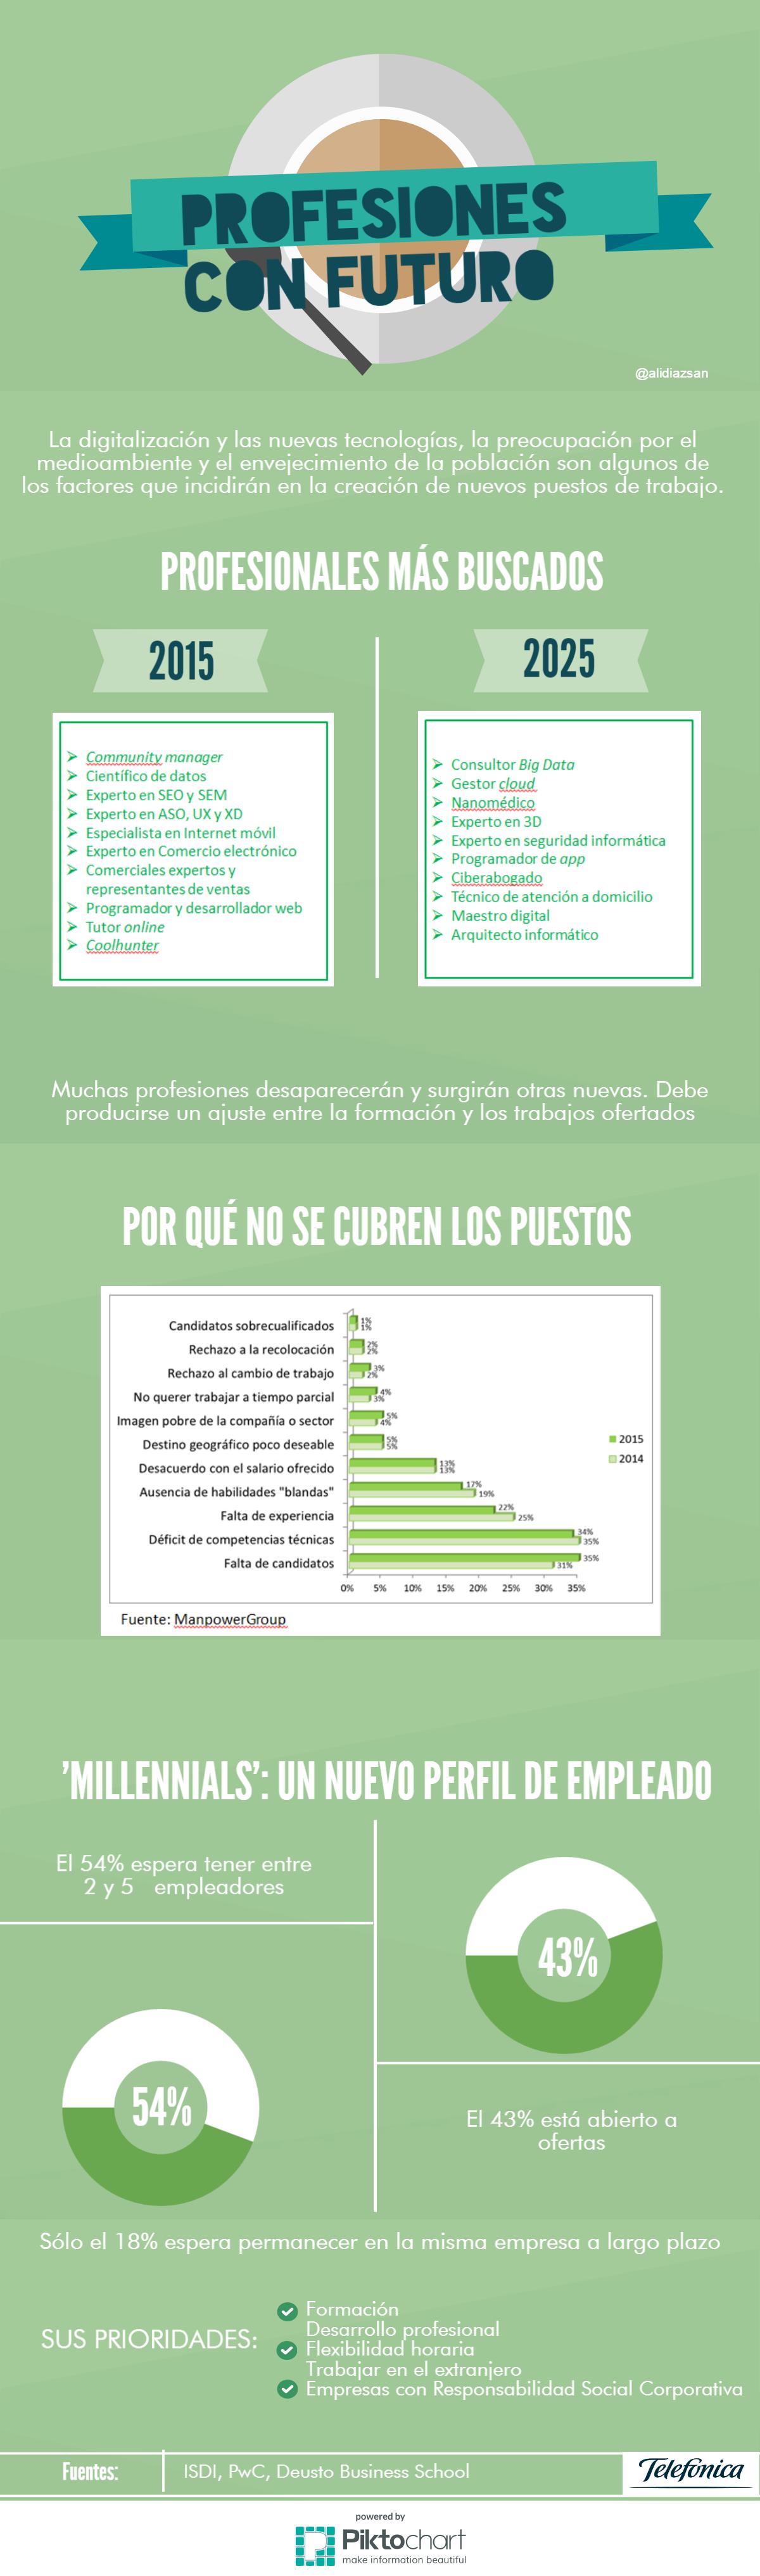 Profesiones con futuro #infografia #infographic #empleo #rrhh